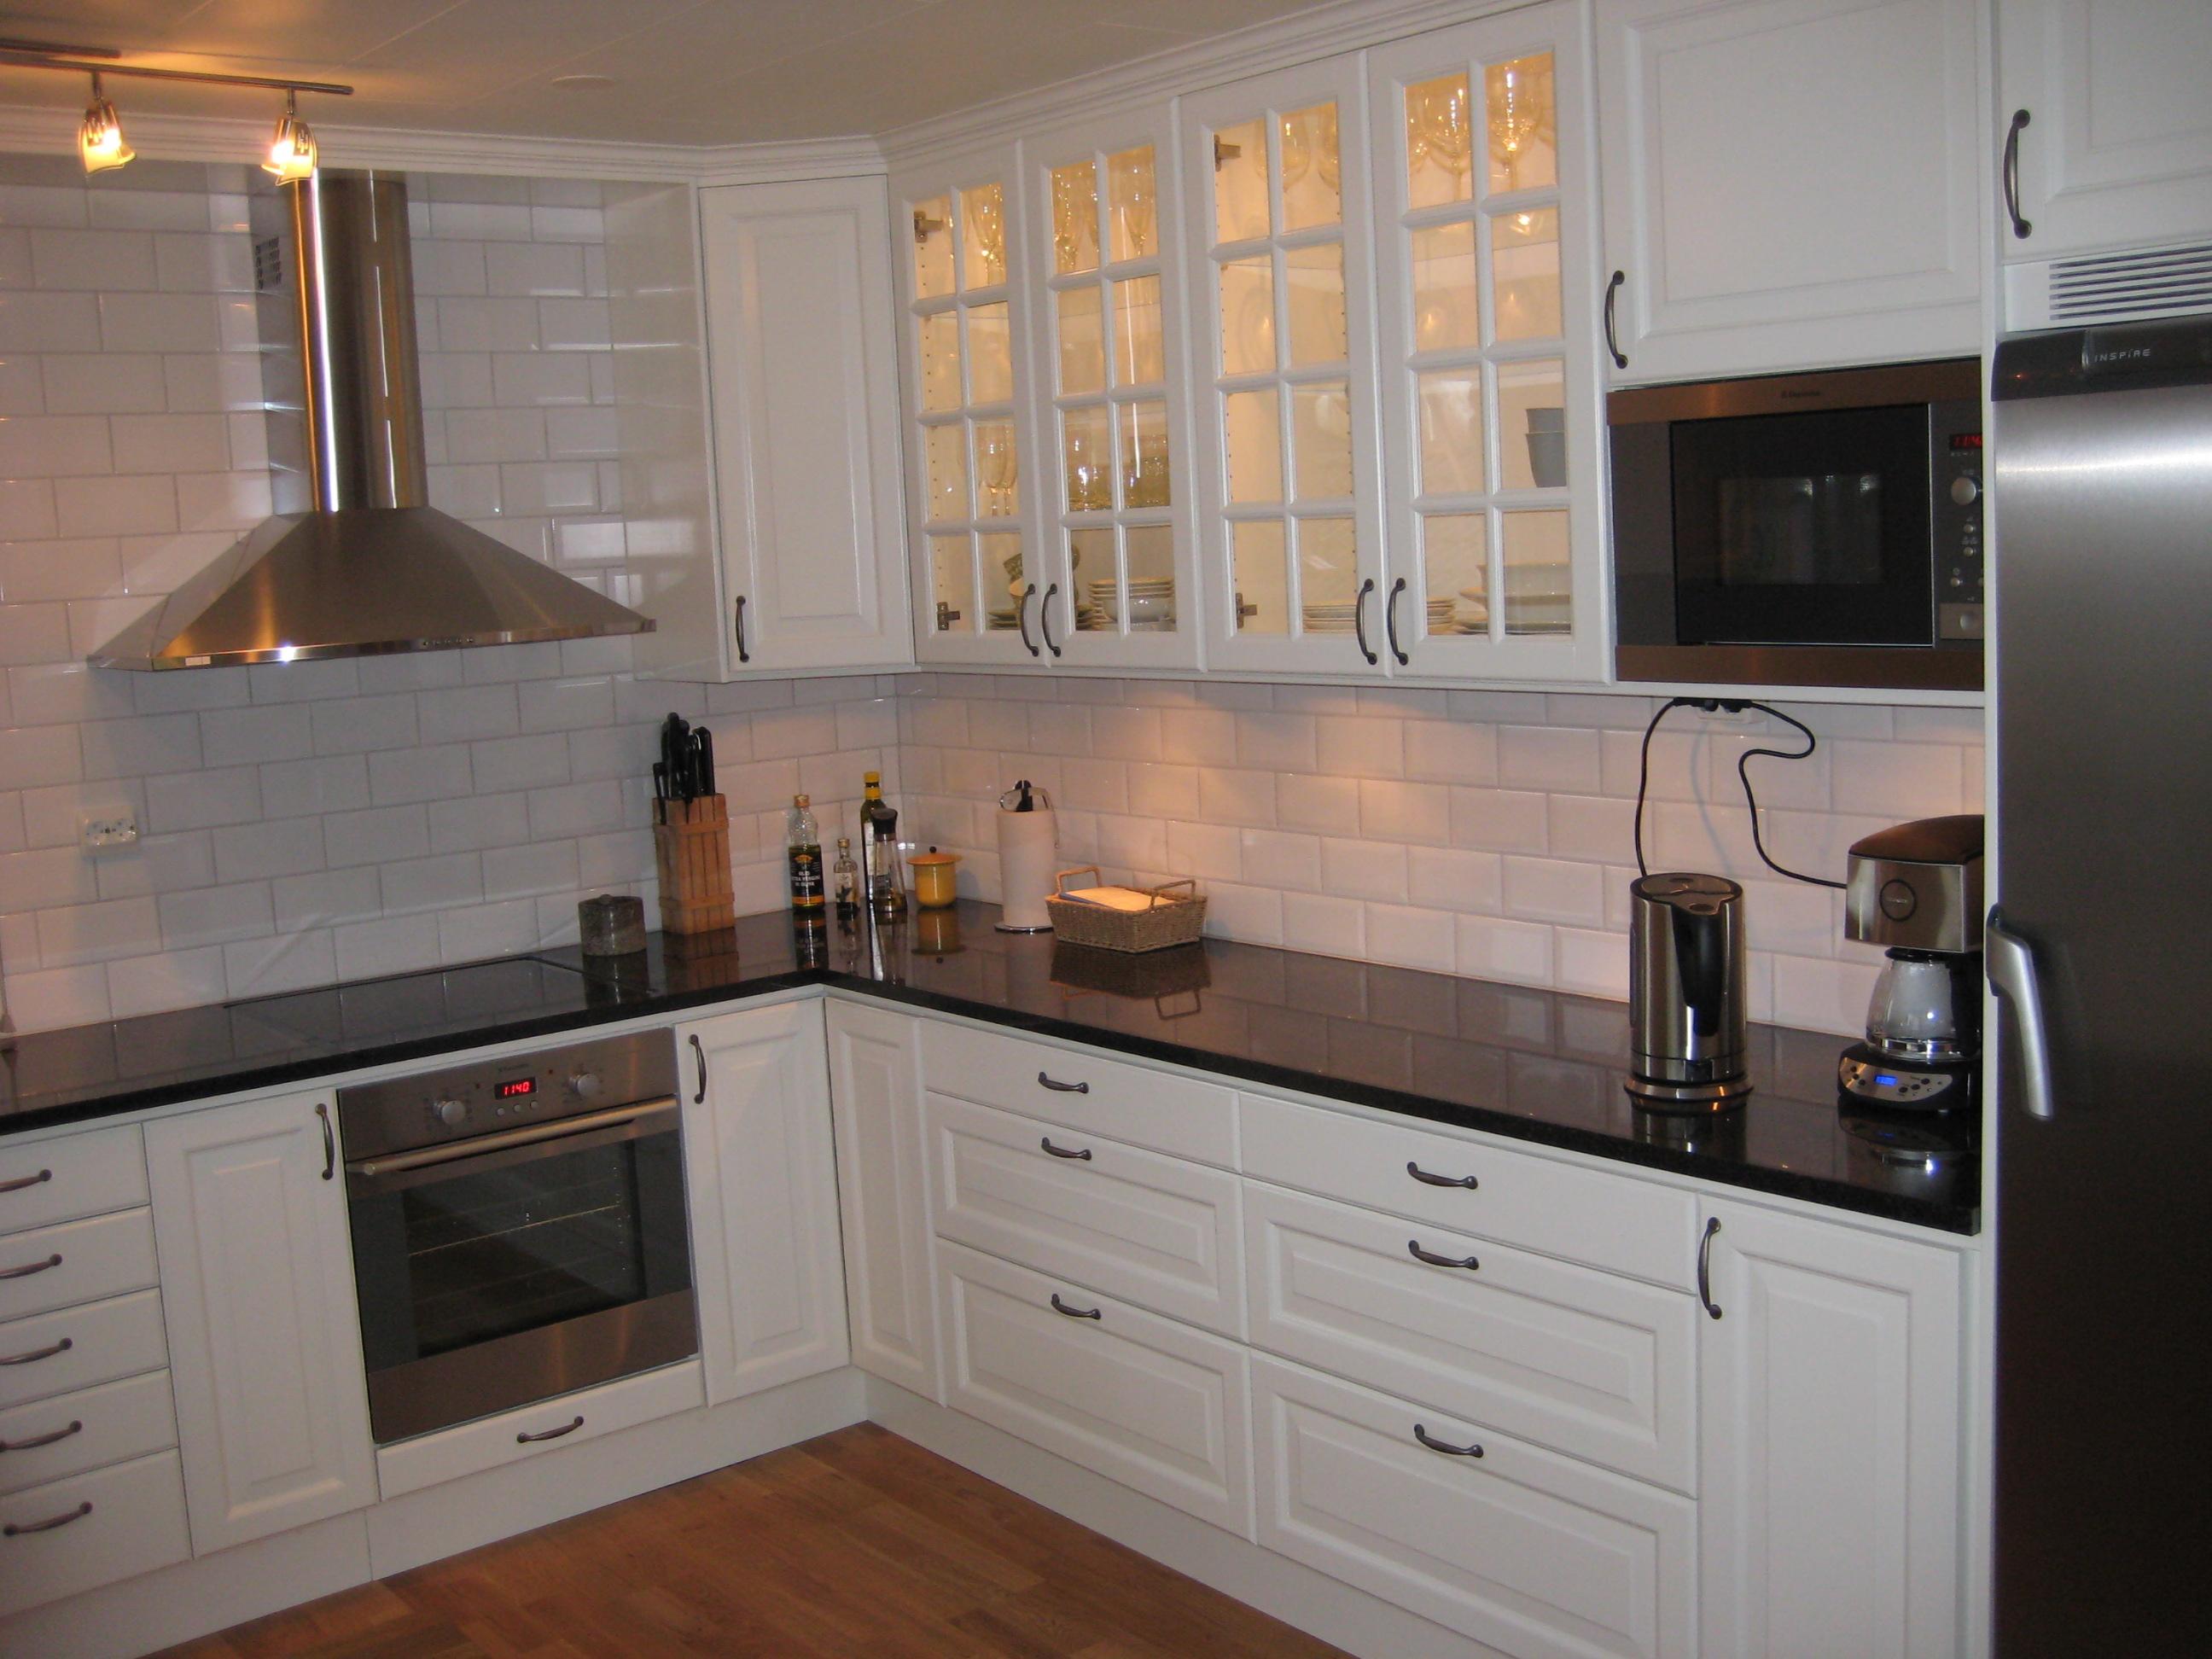 Bilder Kakel I Kok : vitt kakel kok bilder  Stenbonkskivan or i granit tillverkat av